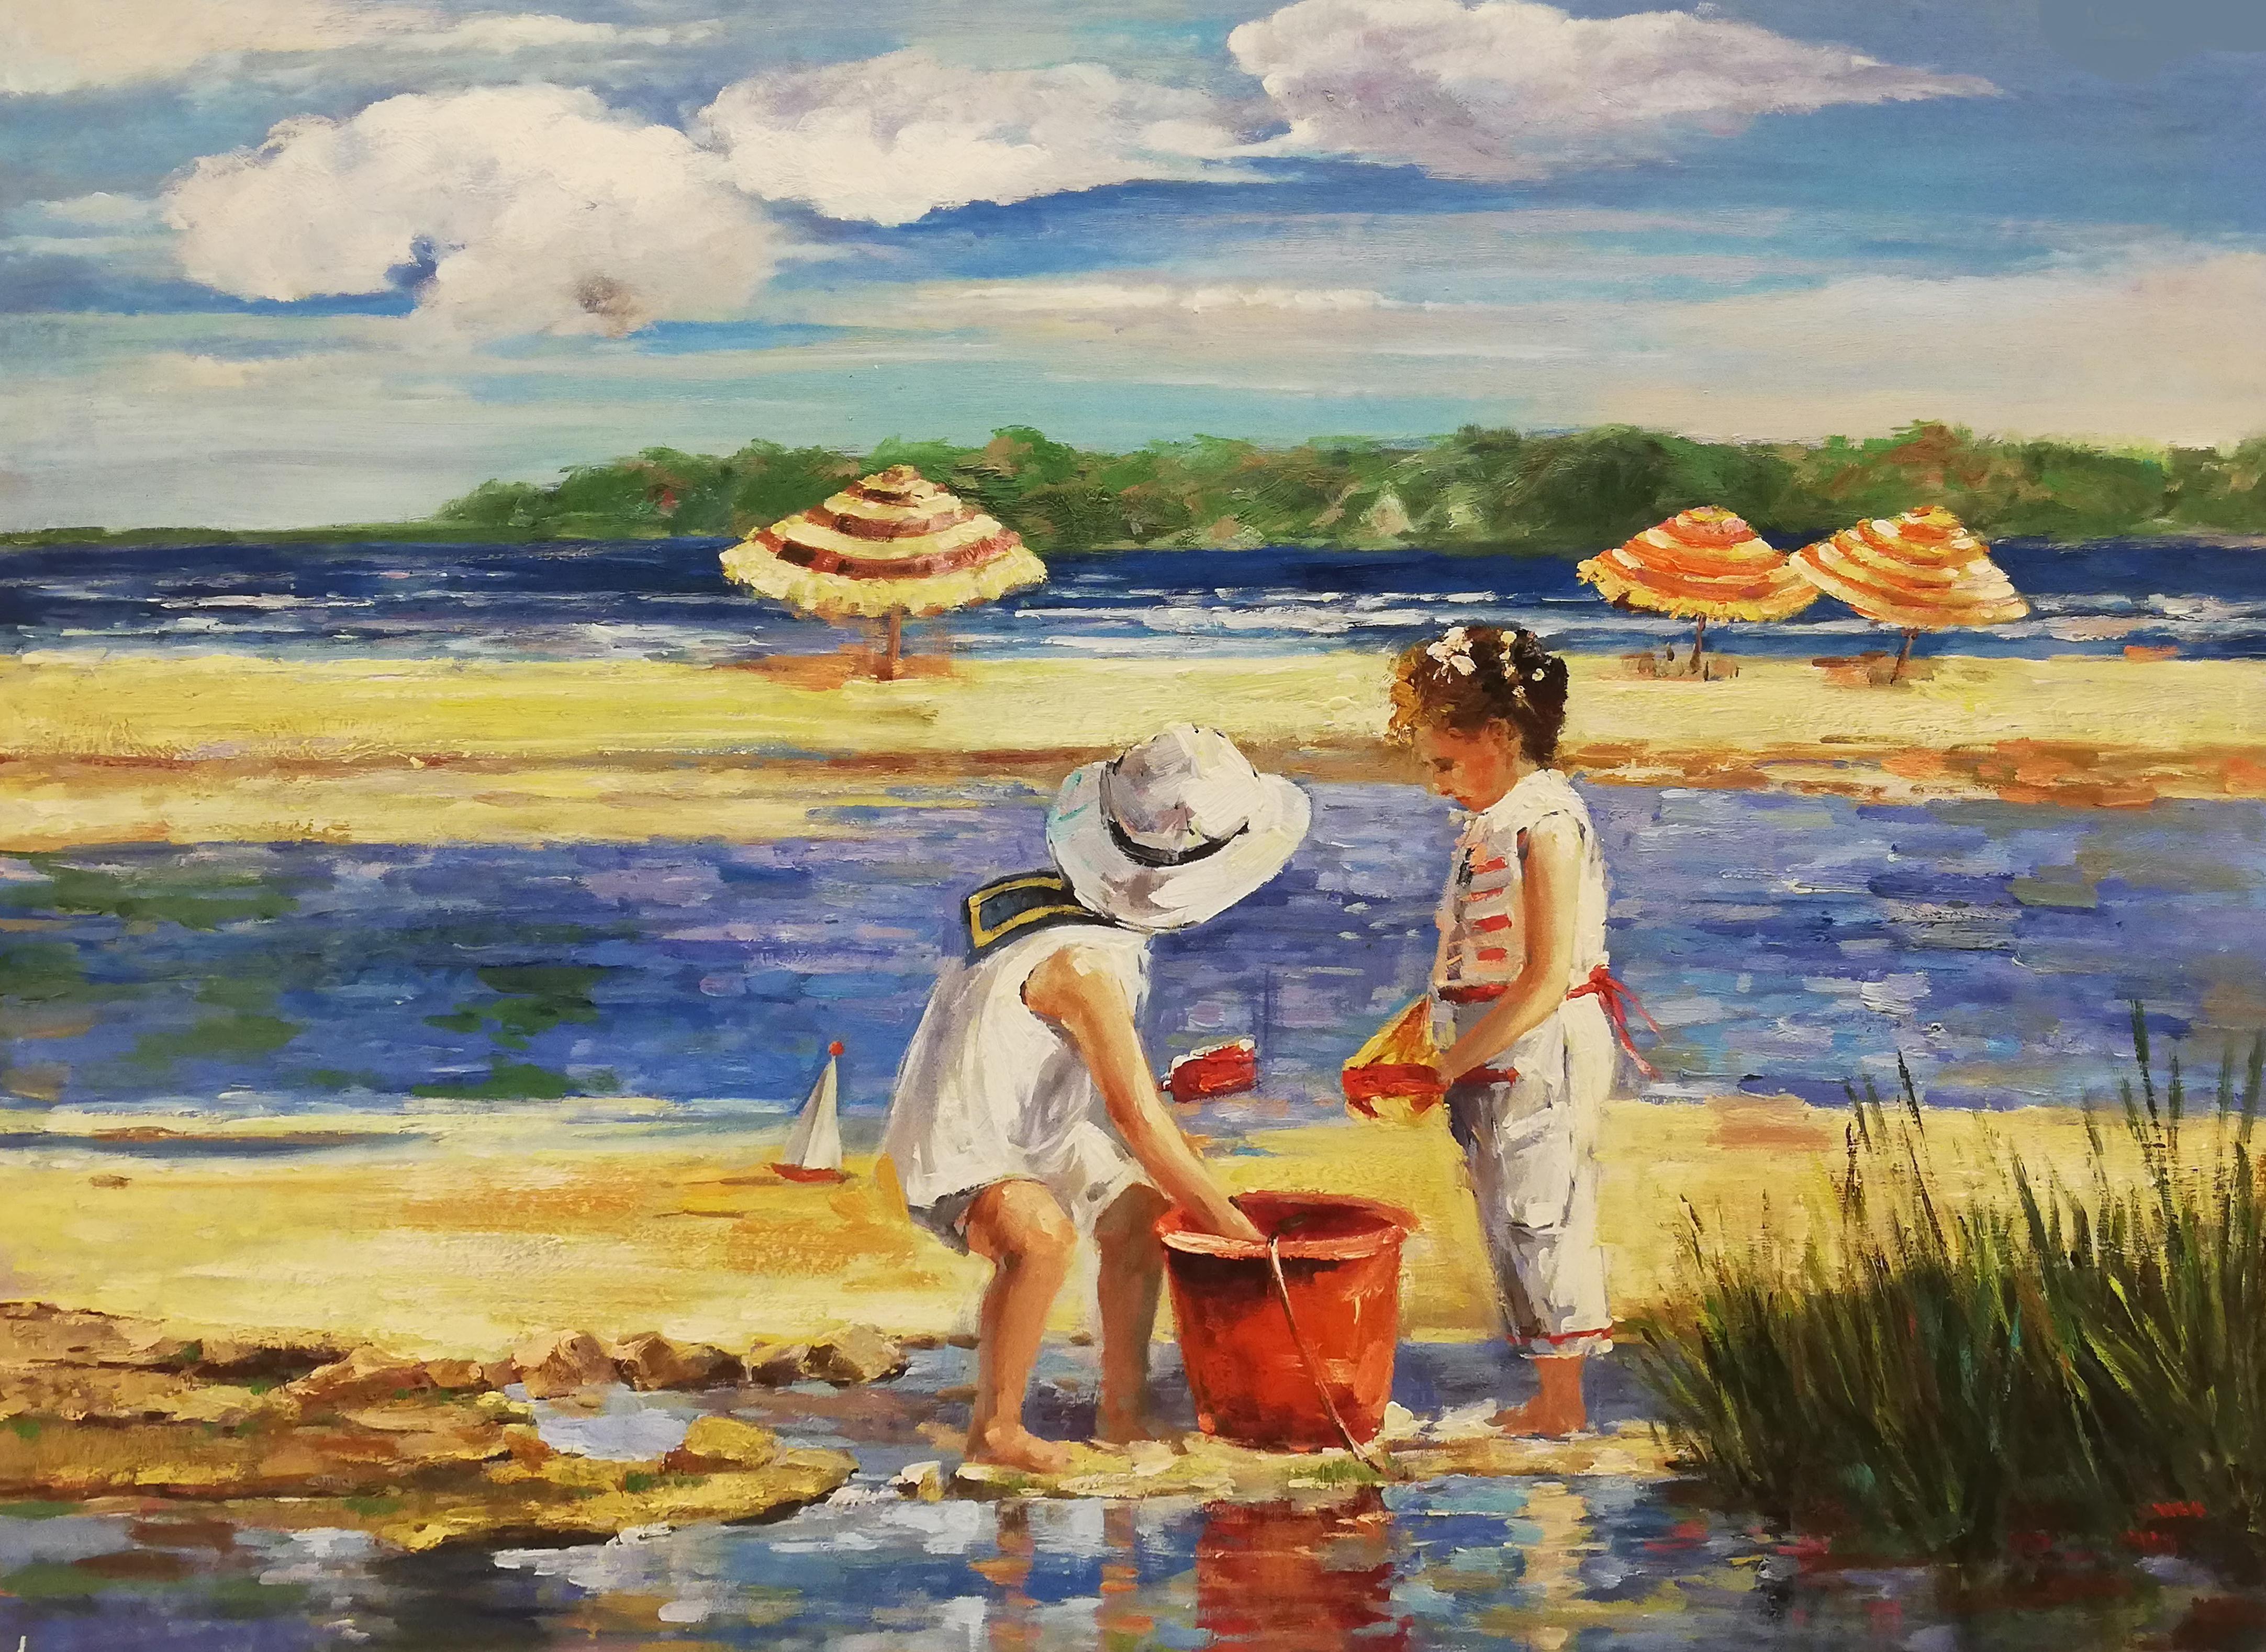 samen zandkastelen bouwen schilderij strand